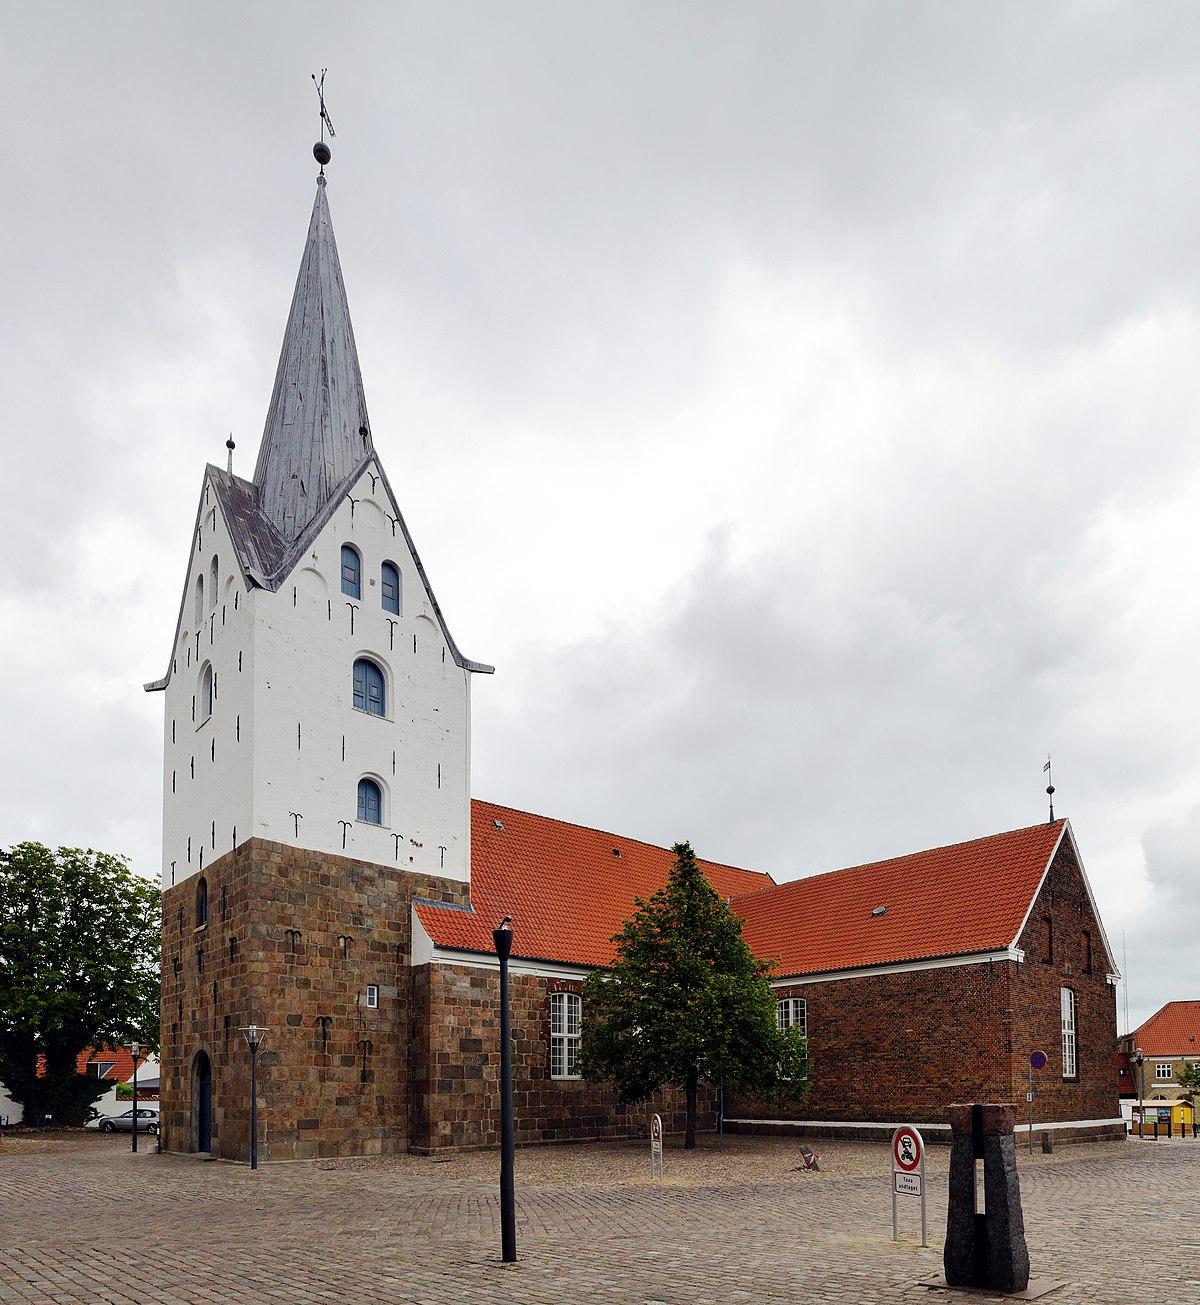 1200px-Varde_-_St.-Jacobi-Kirche3 Varde on greve strand,